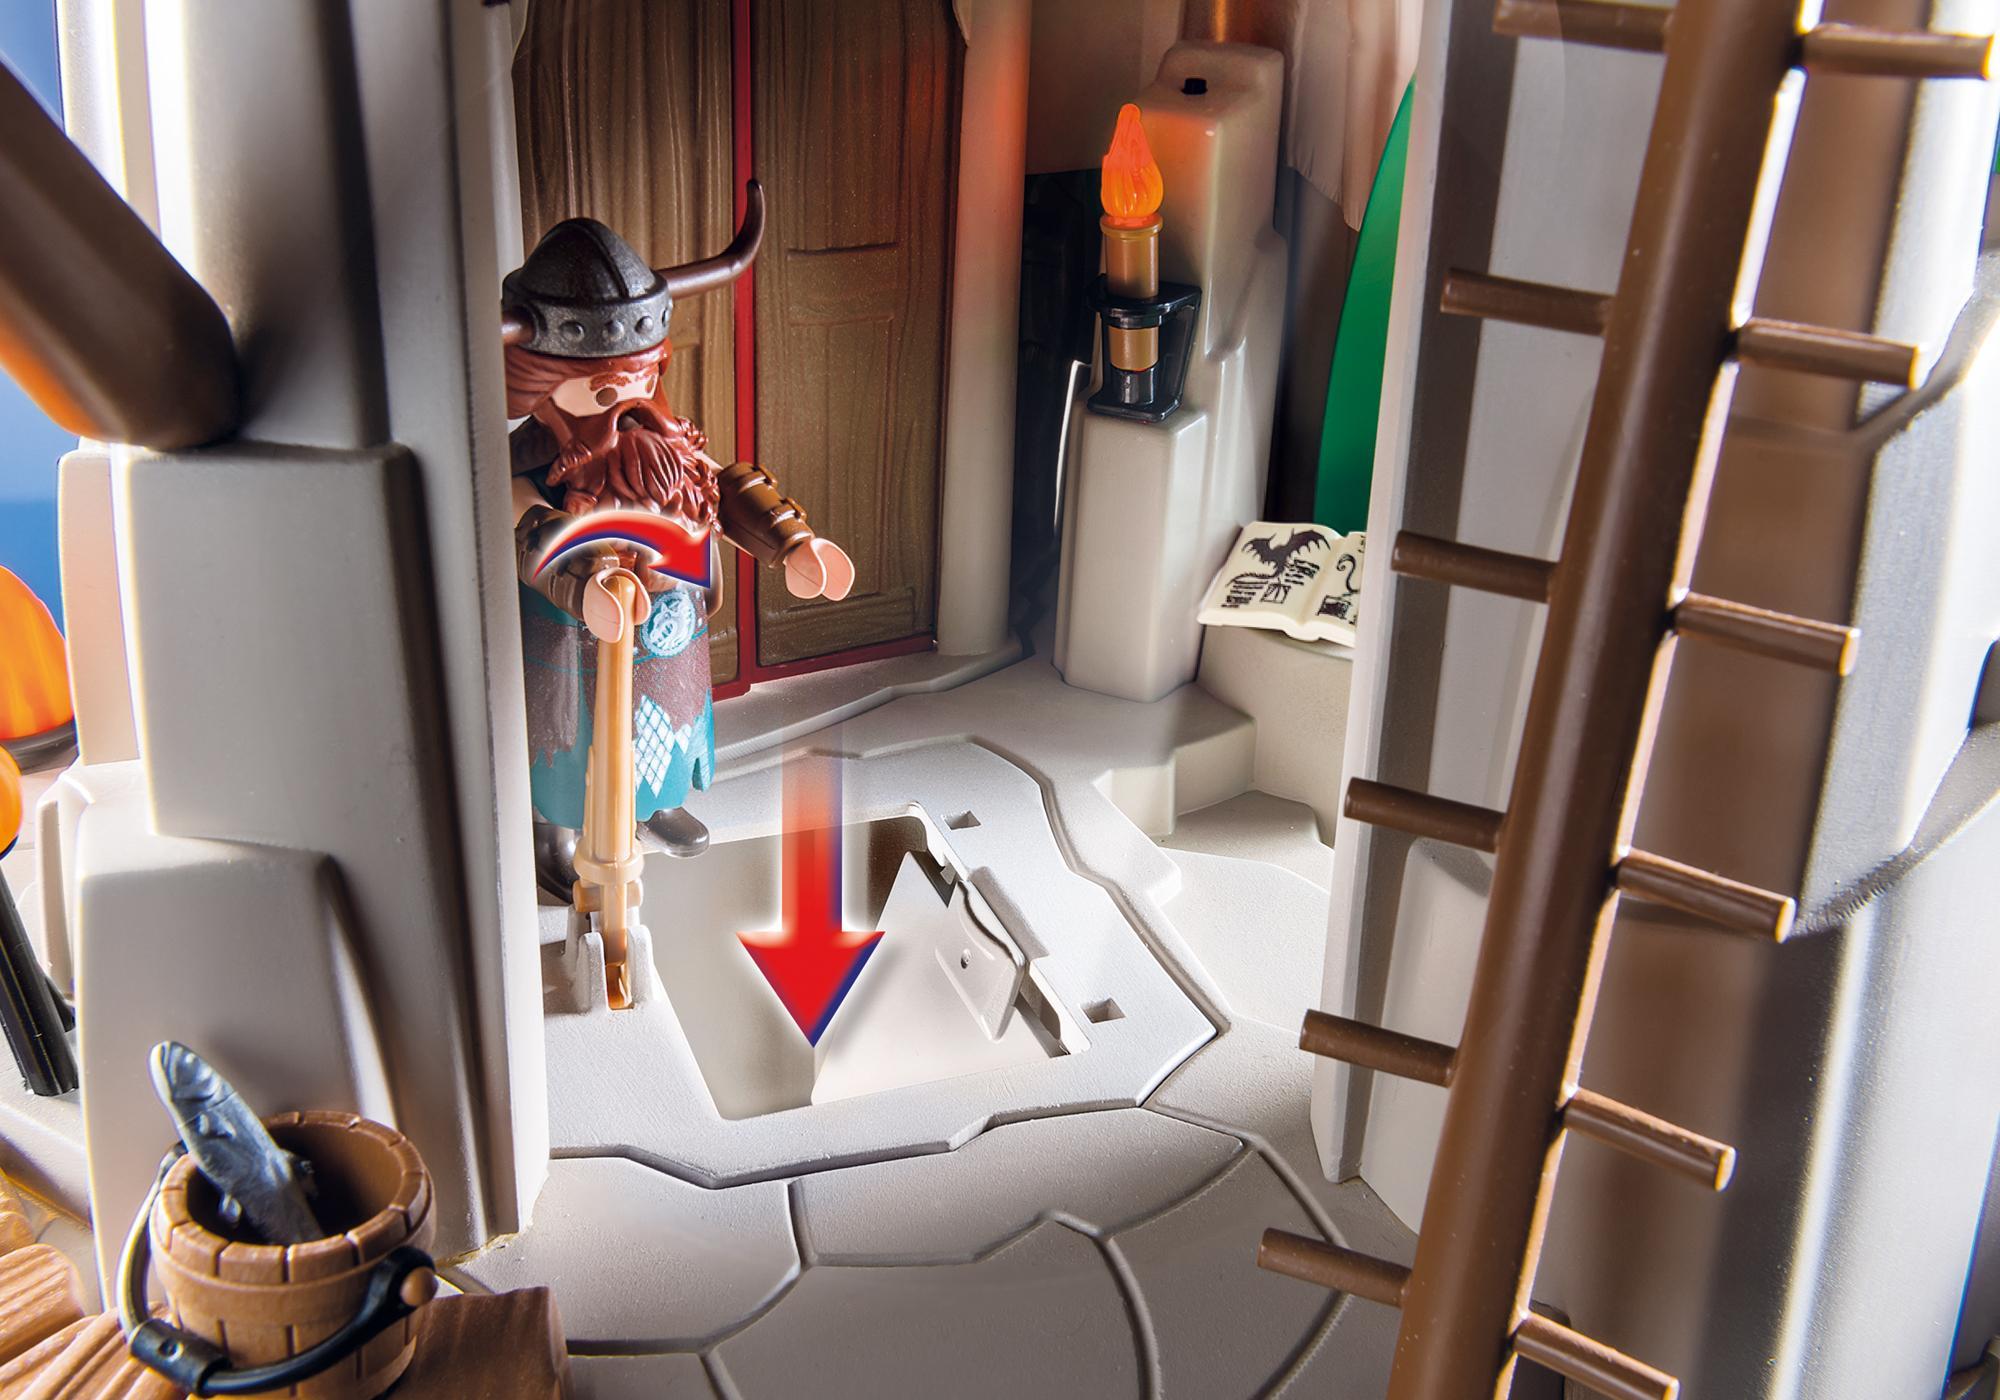 http://media.playmobil.com/i/playmobil/9243_product_extra6/Mema